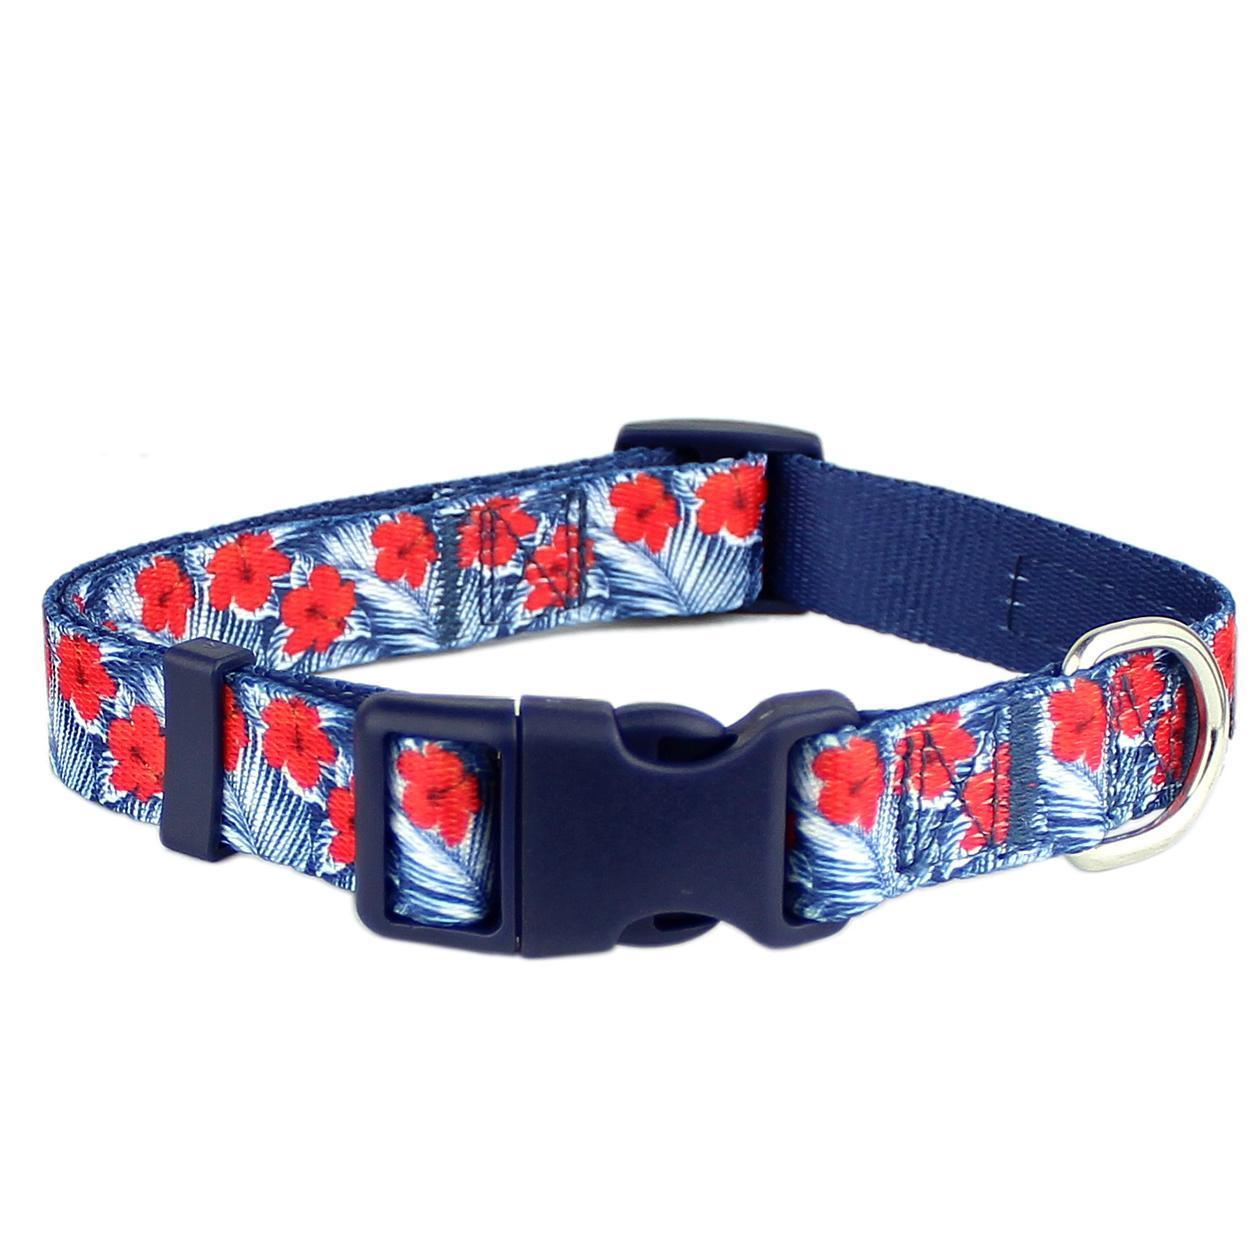 Hibiscus Blue Dog Collar by Parisian Pet